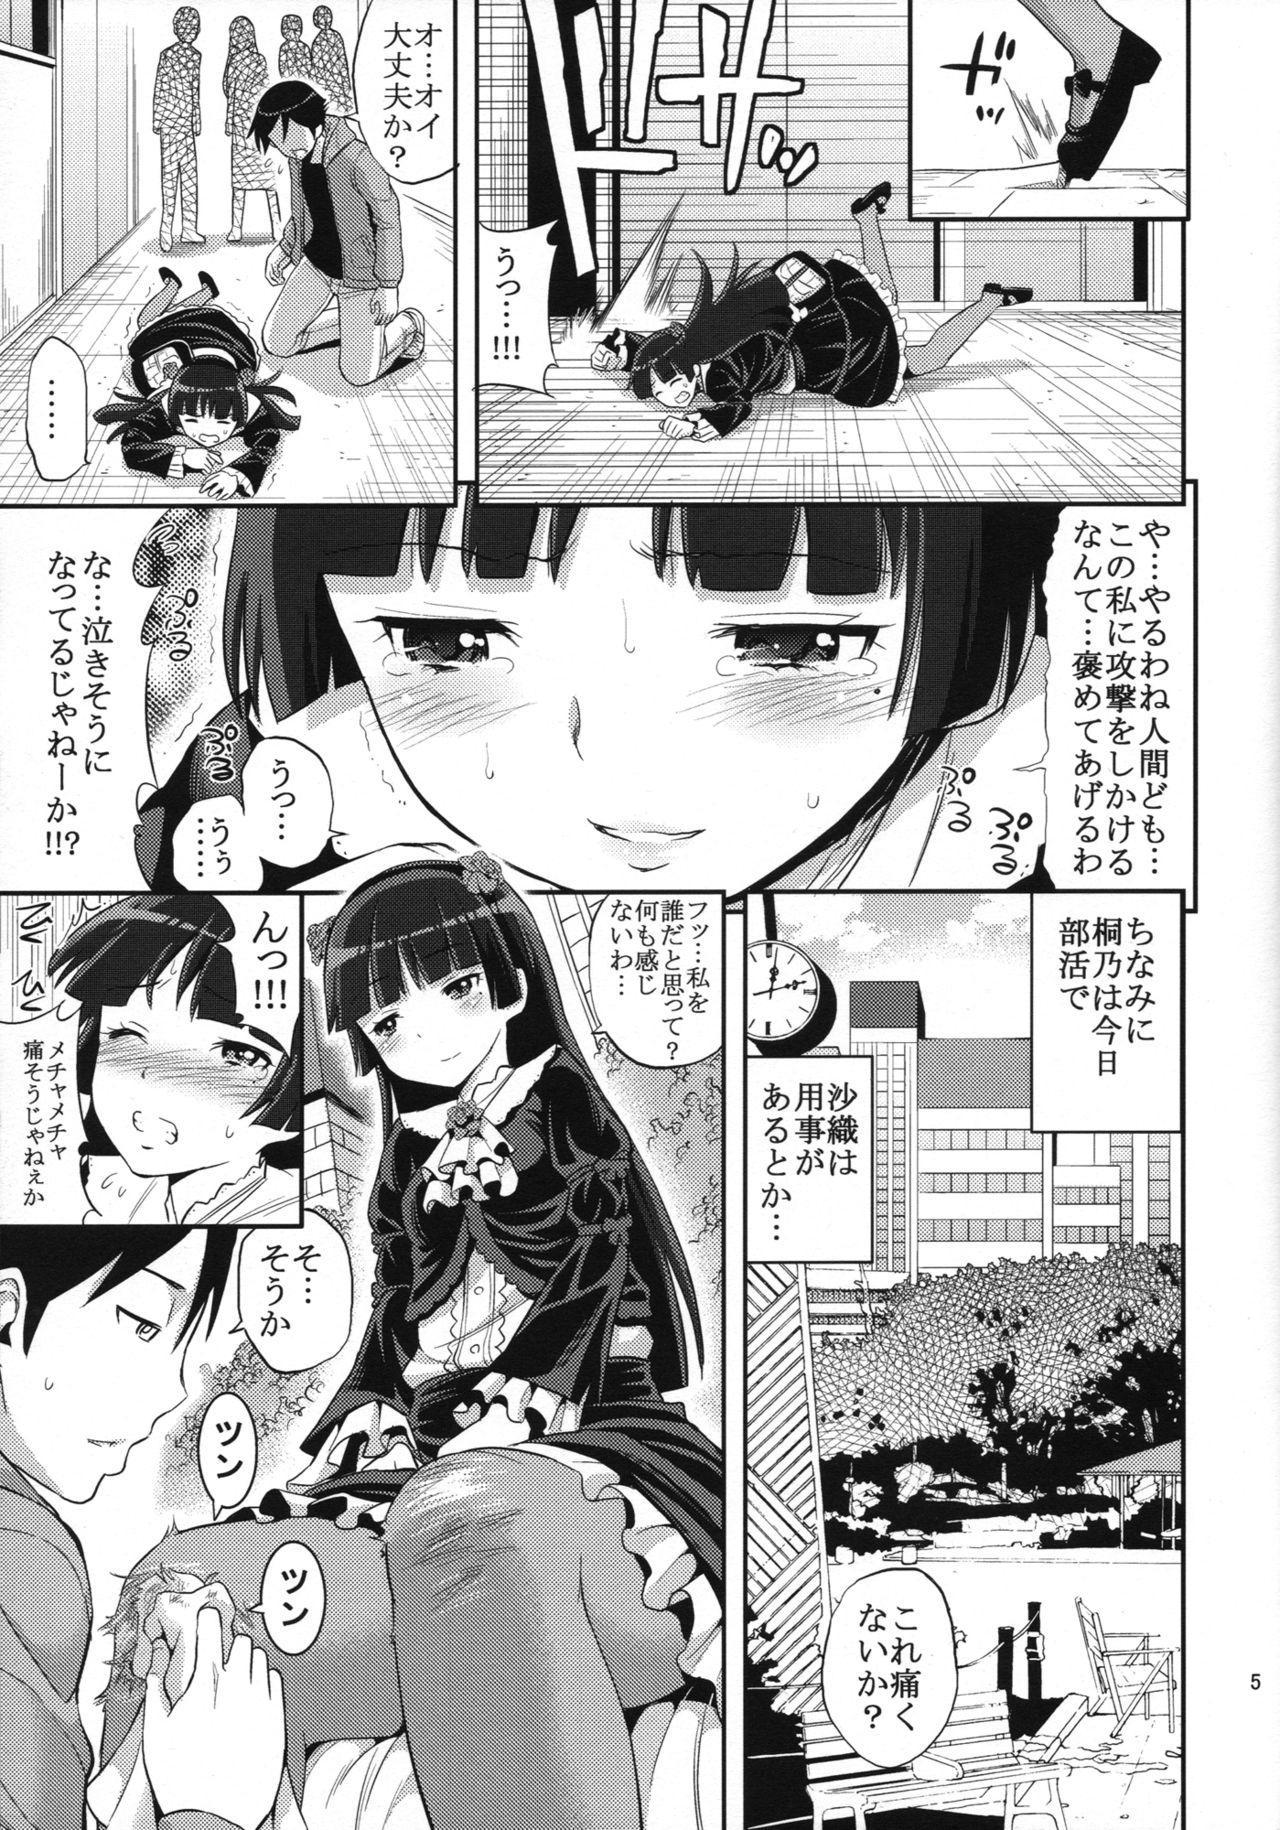 Ore ga Kuroneko no Futomomo o 3